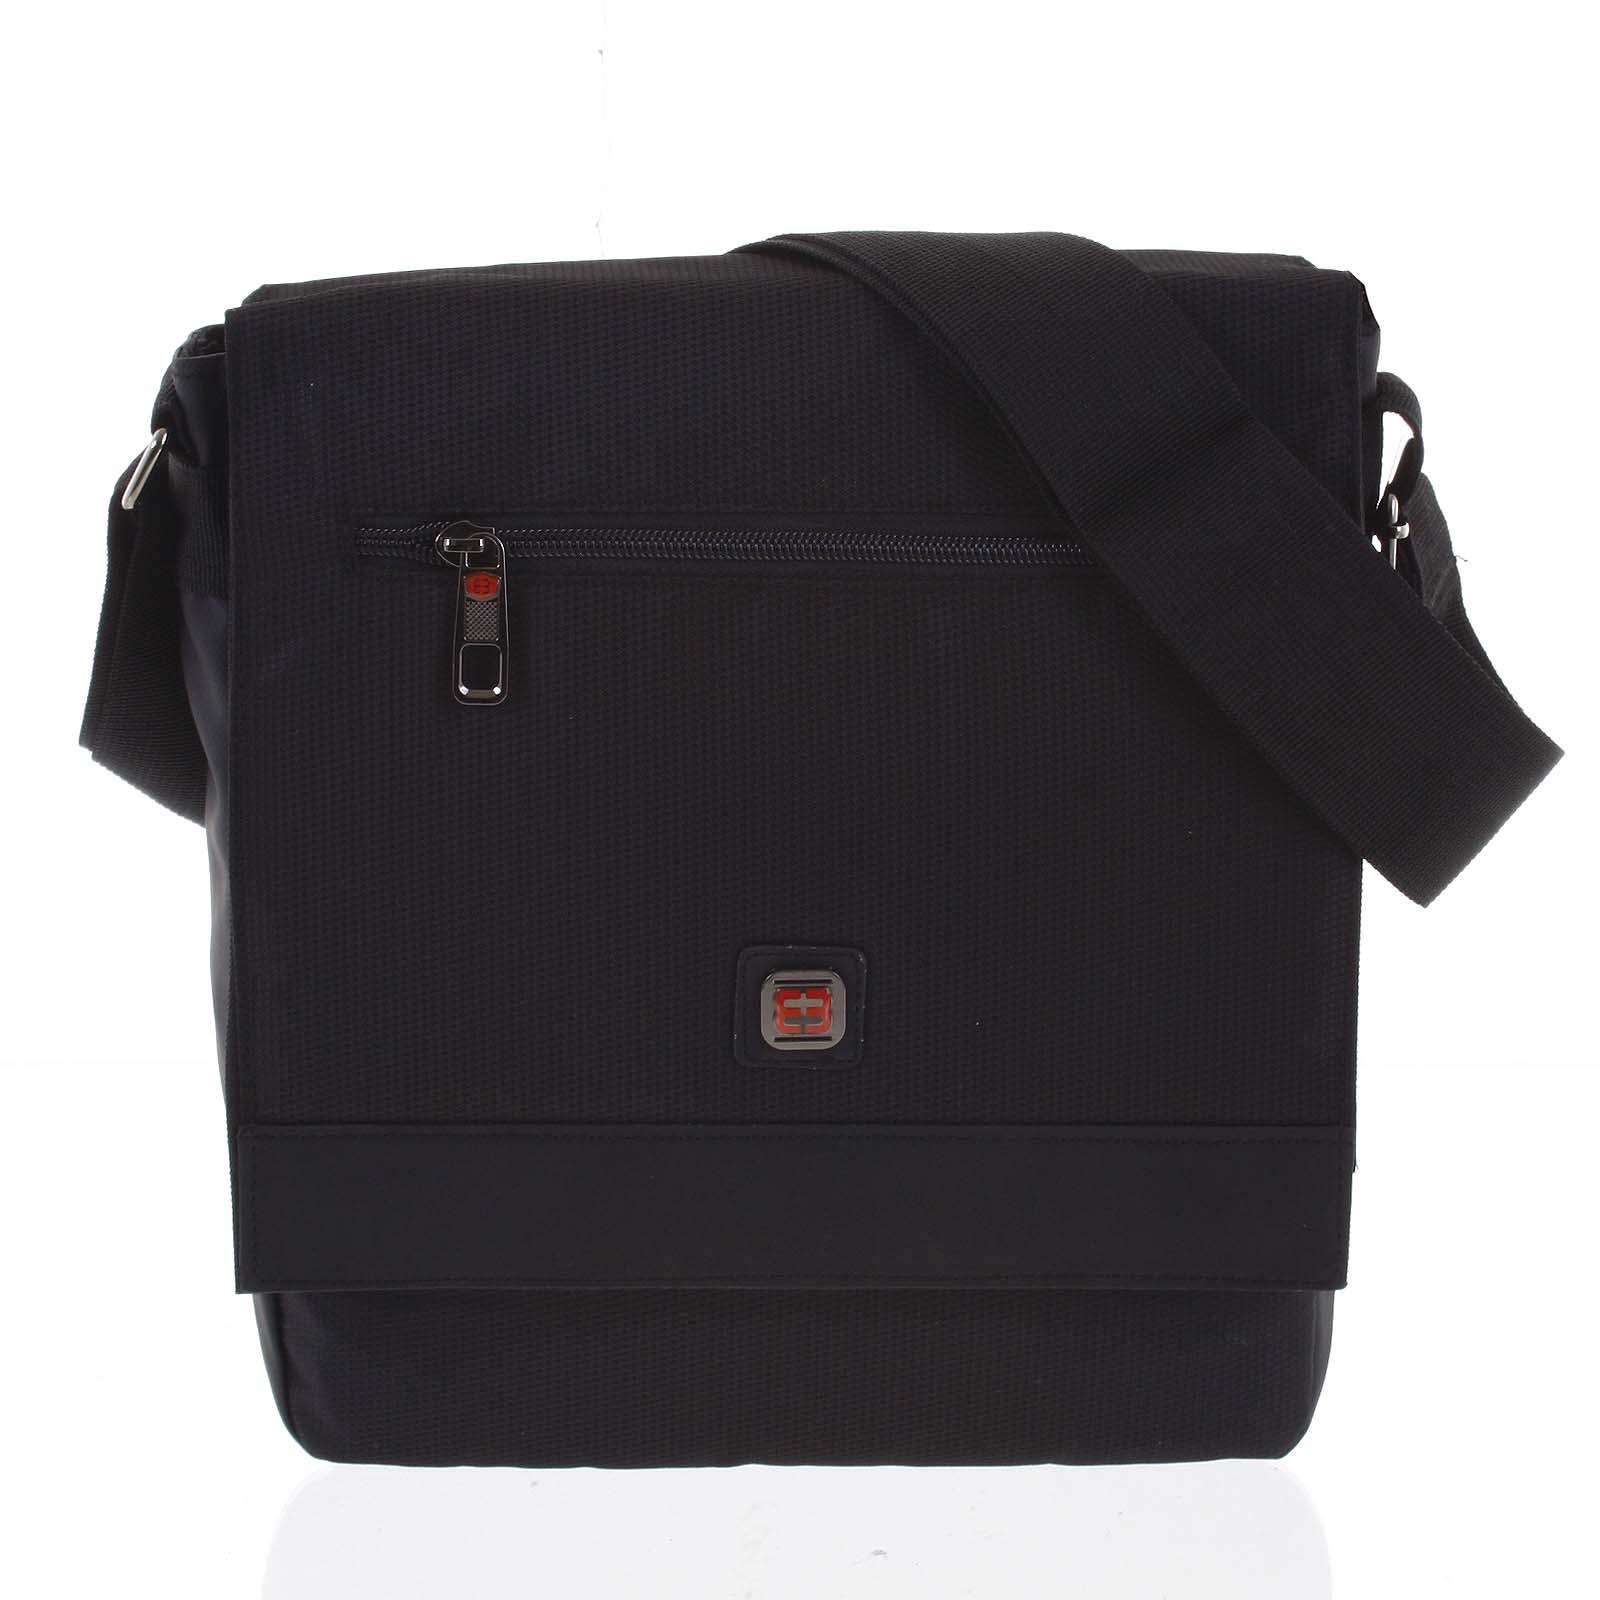 Pánska taška cez plece čierna - Enrico Benetti Saleh